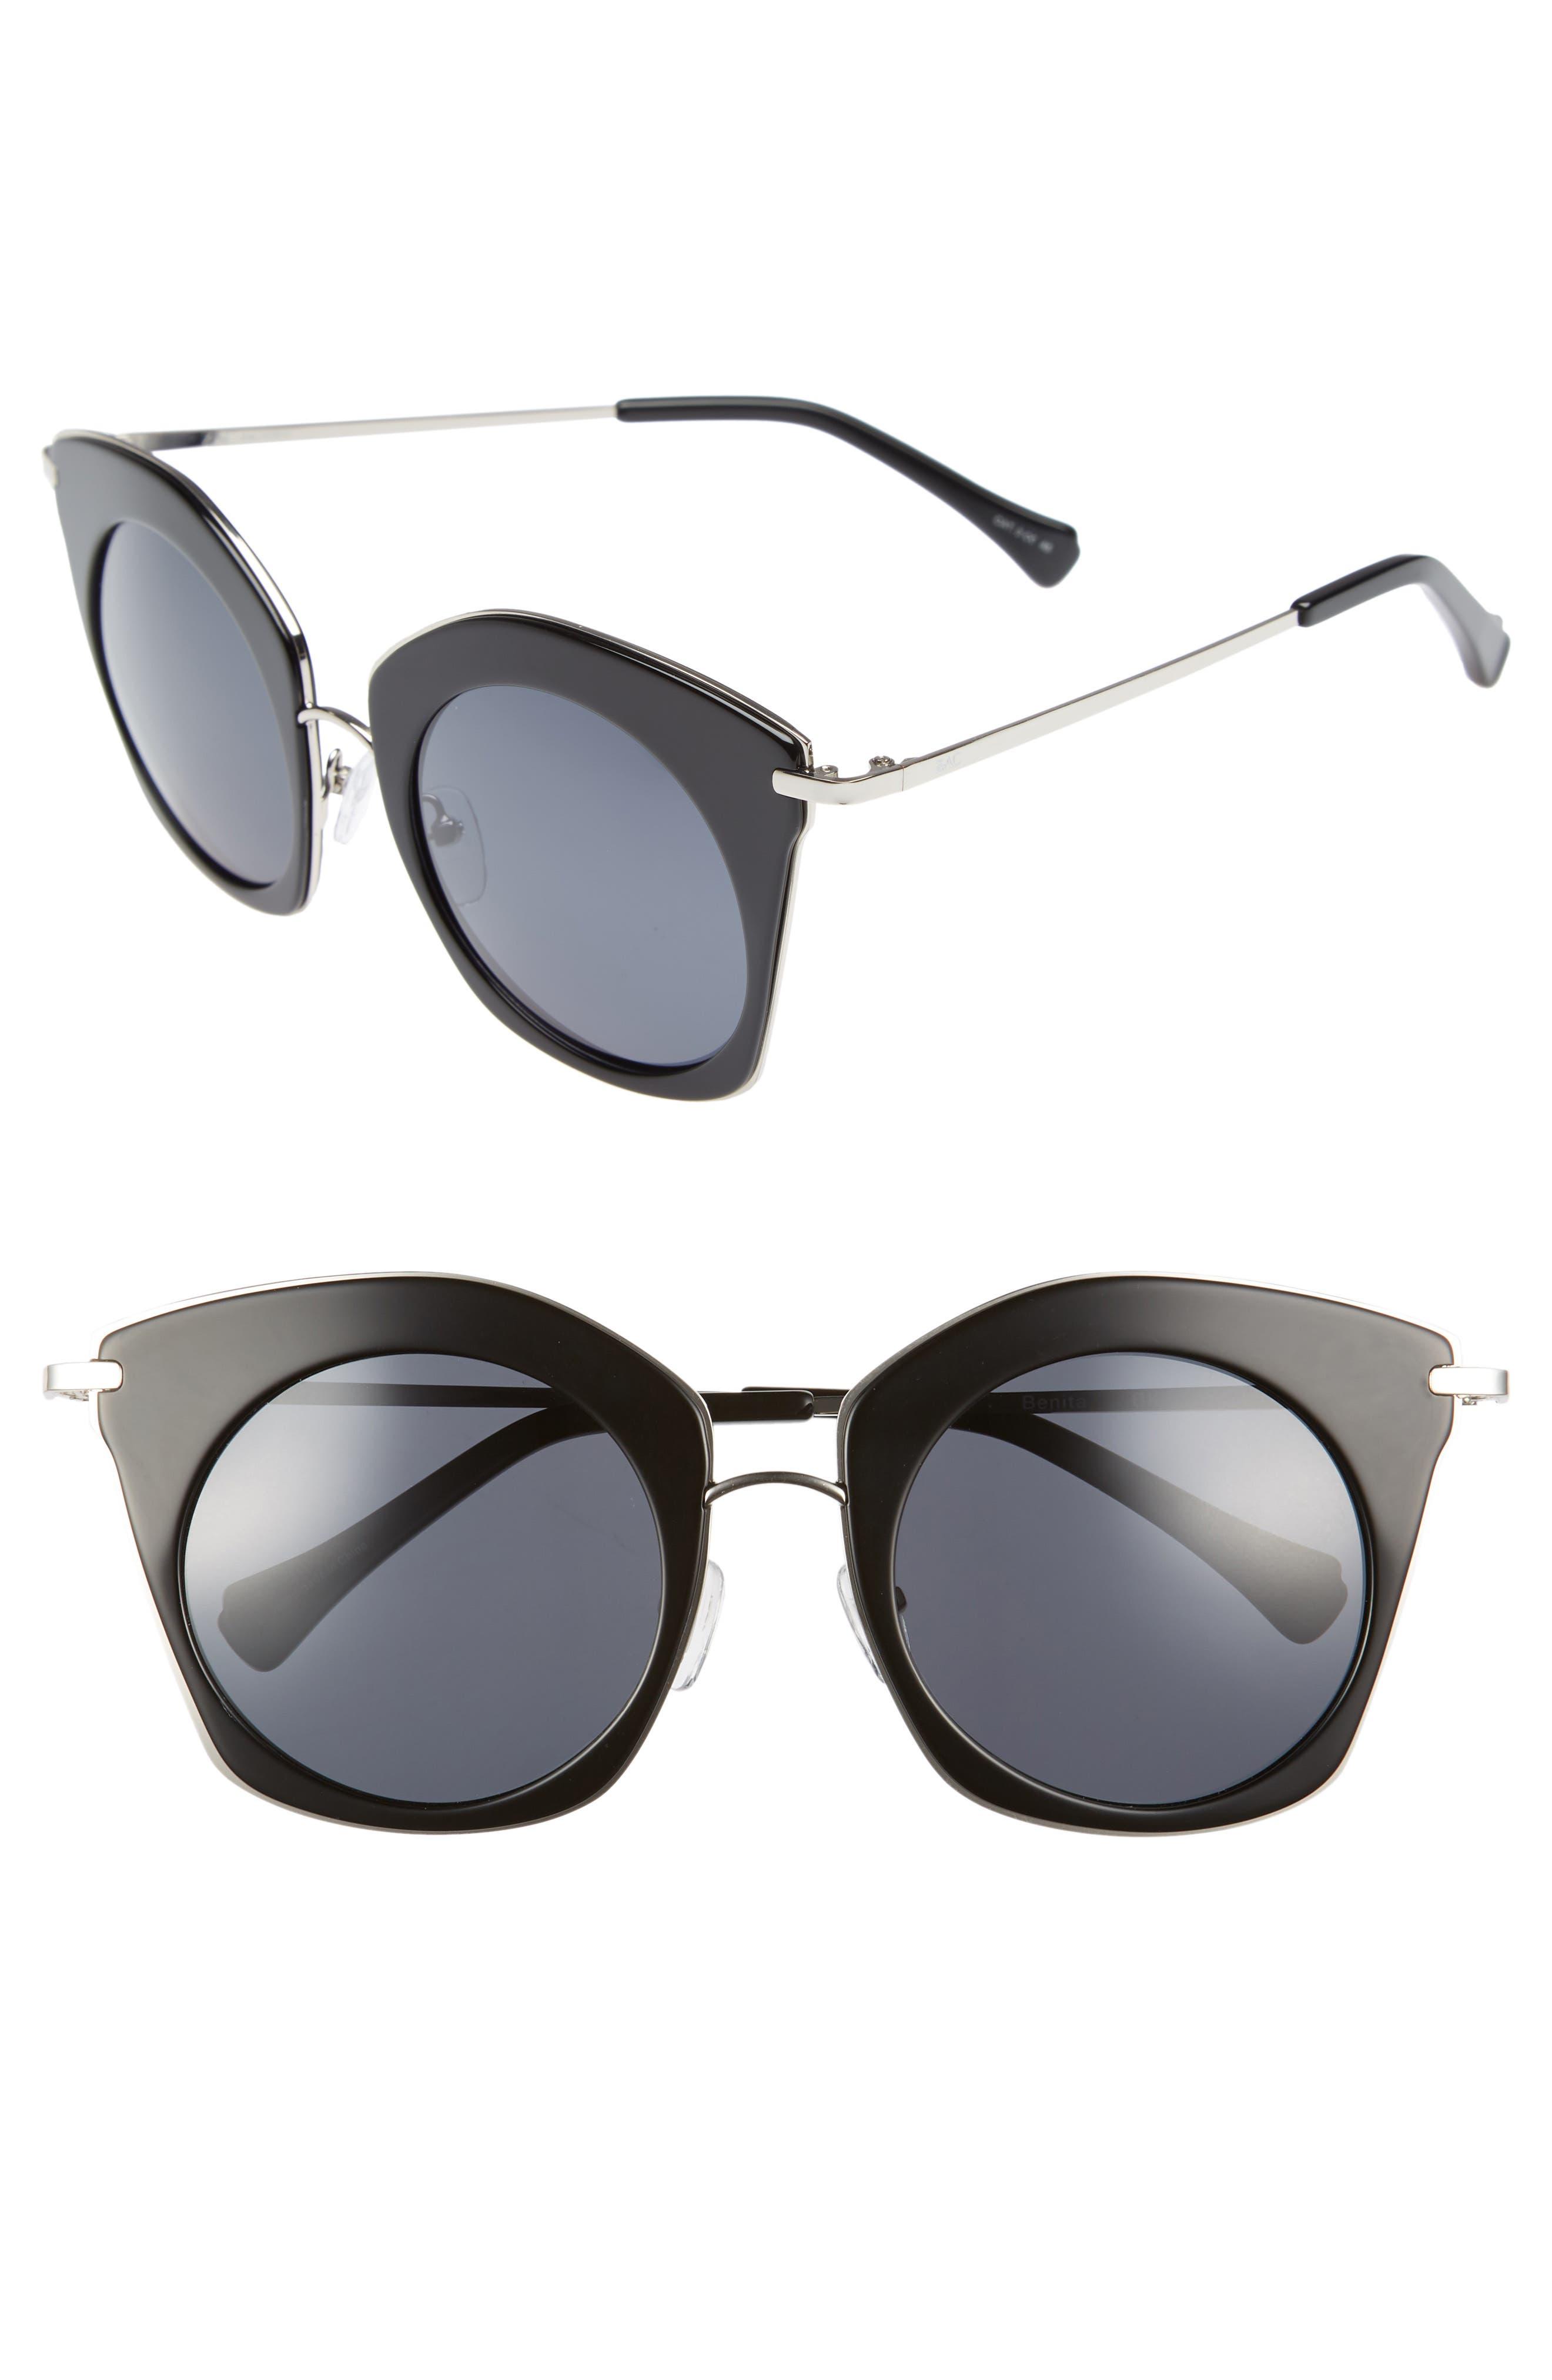 Benita 52mm Polarized Sunglasses,                             Main thumbnail 1, color,                             BLACK POLAR